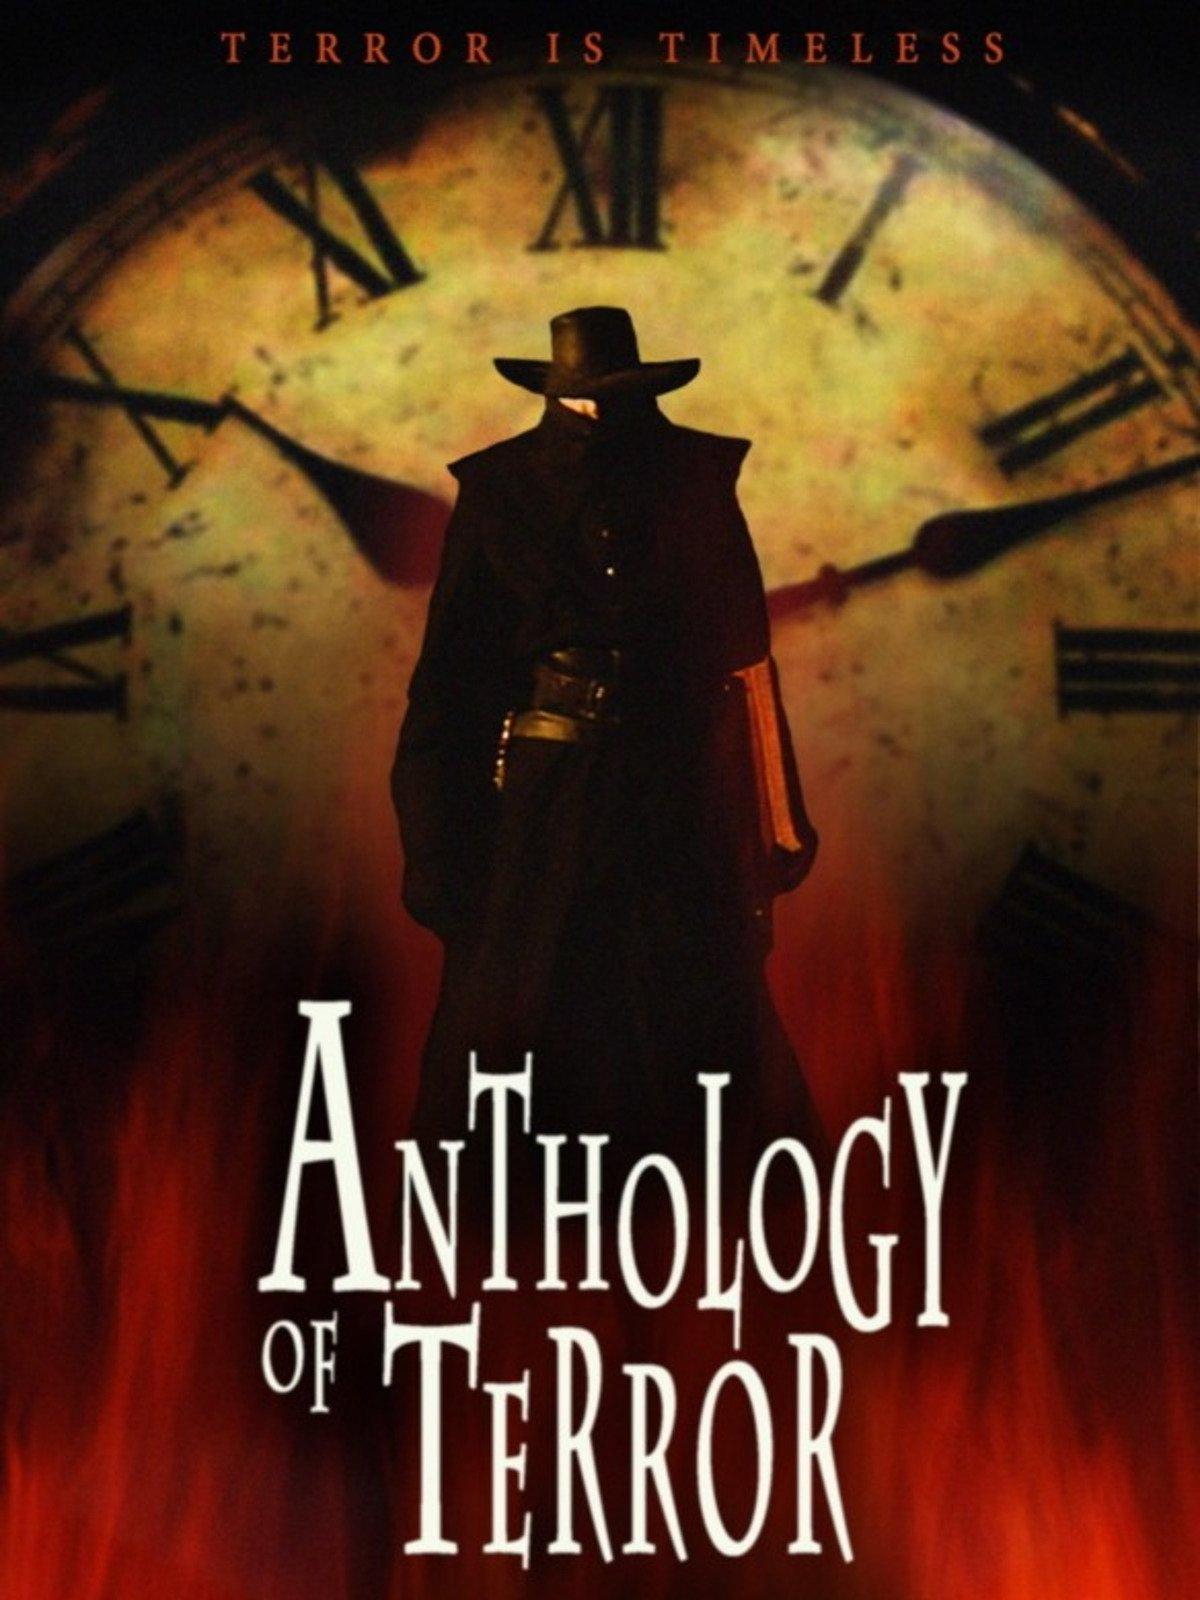 Anthology of Terror